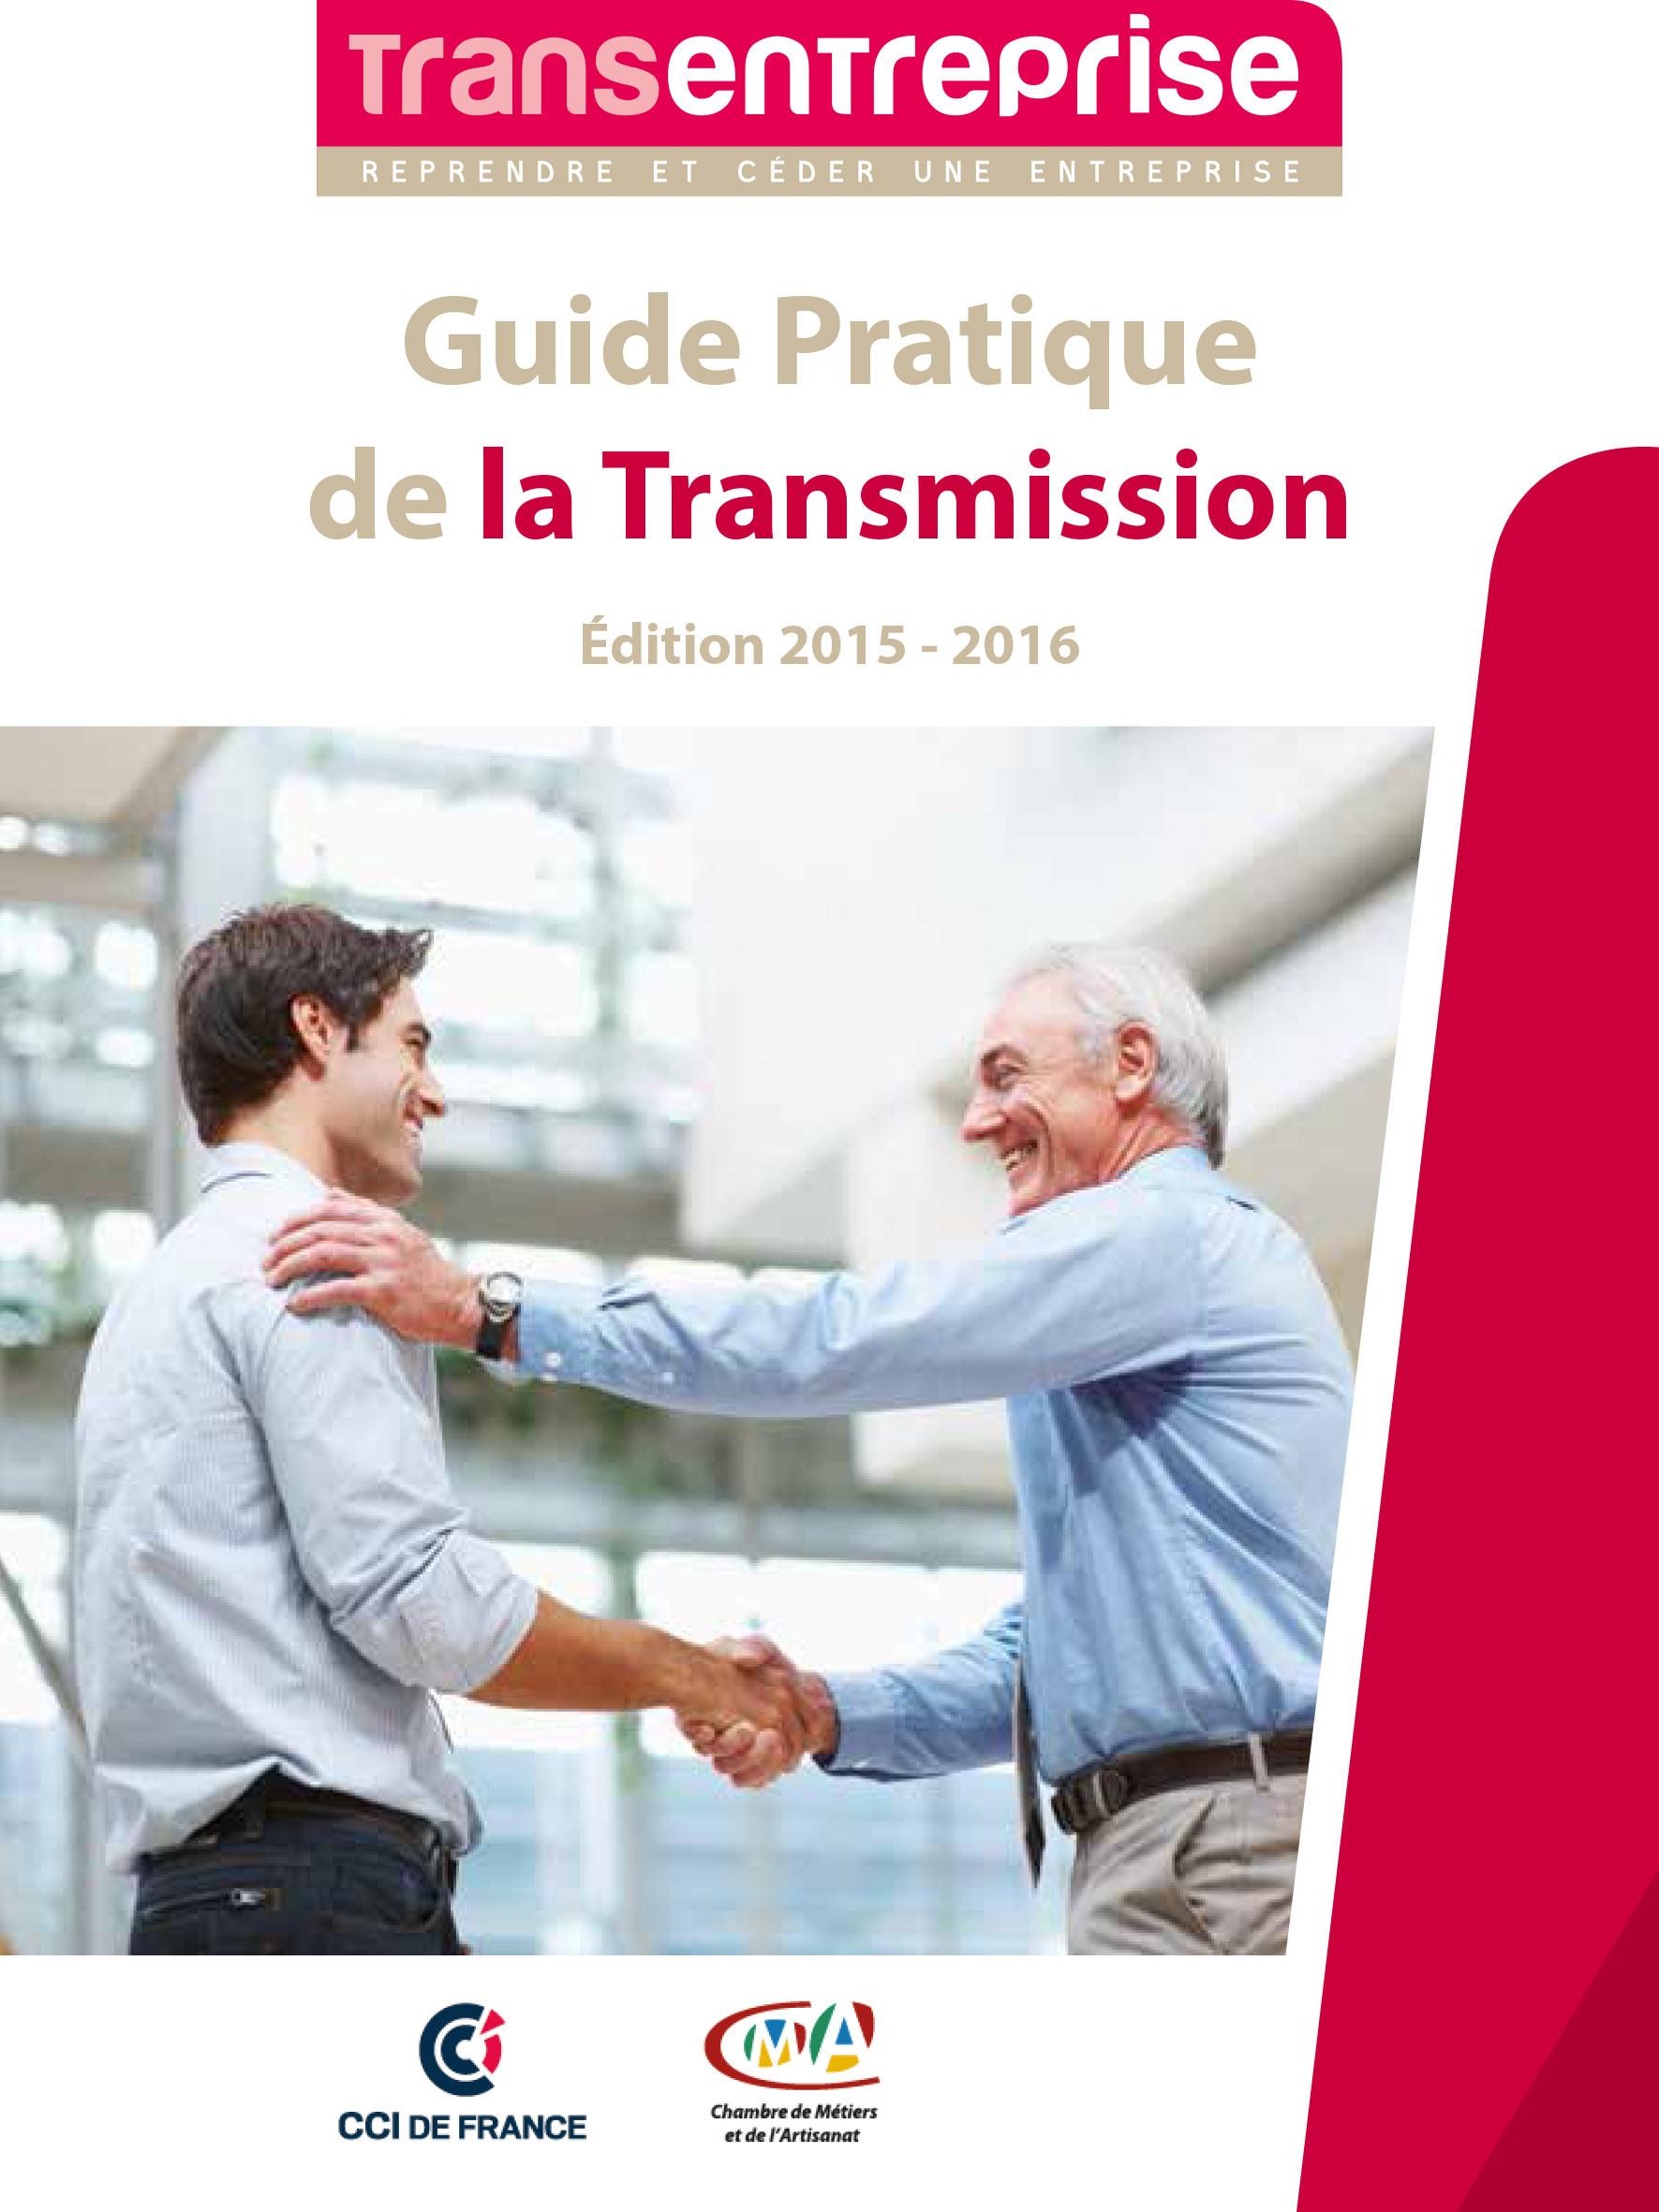 Guide Pratique de la Transmission : toutes les clés pour bien transmettre son entreprise